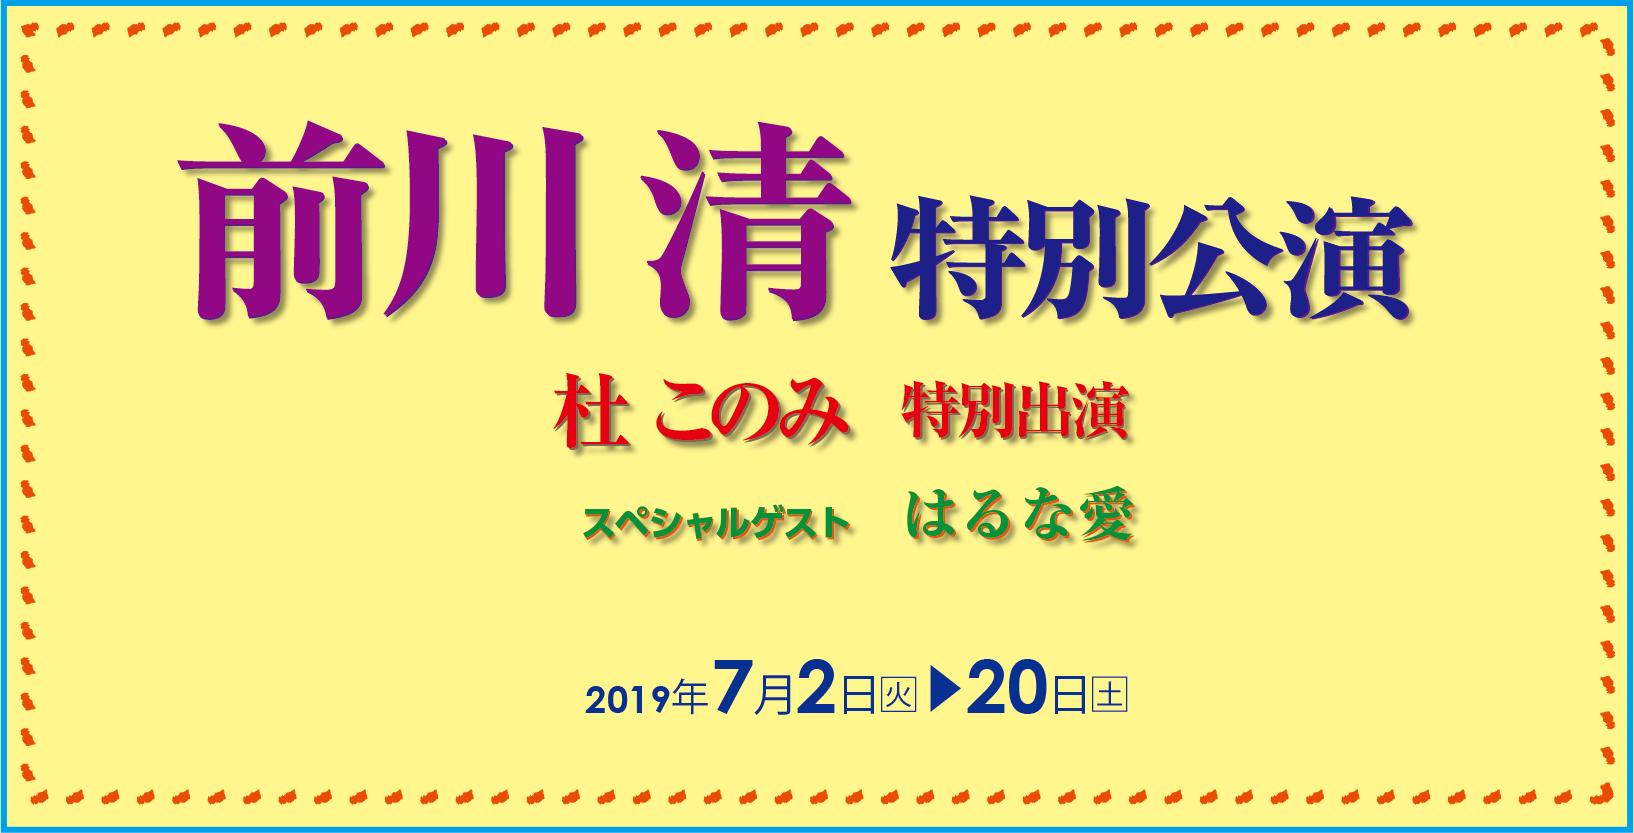 前川 清 特別公演 杜このみ 特別出演